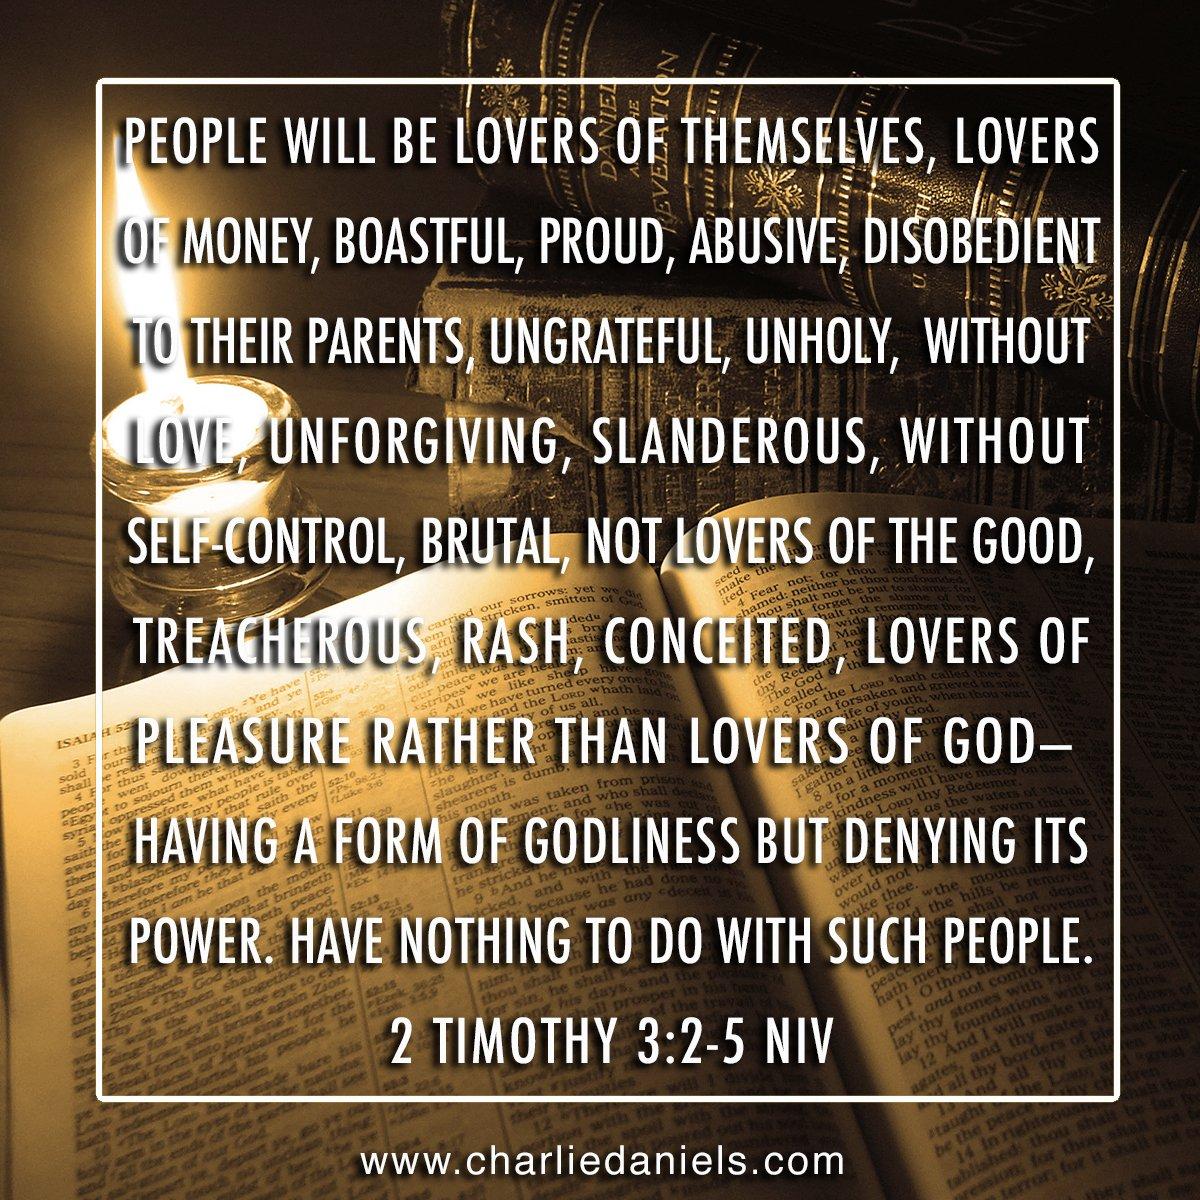 2 Timothy 3:2-5 NIV